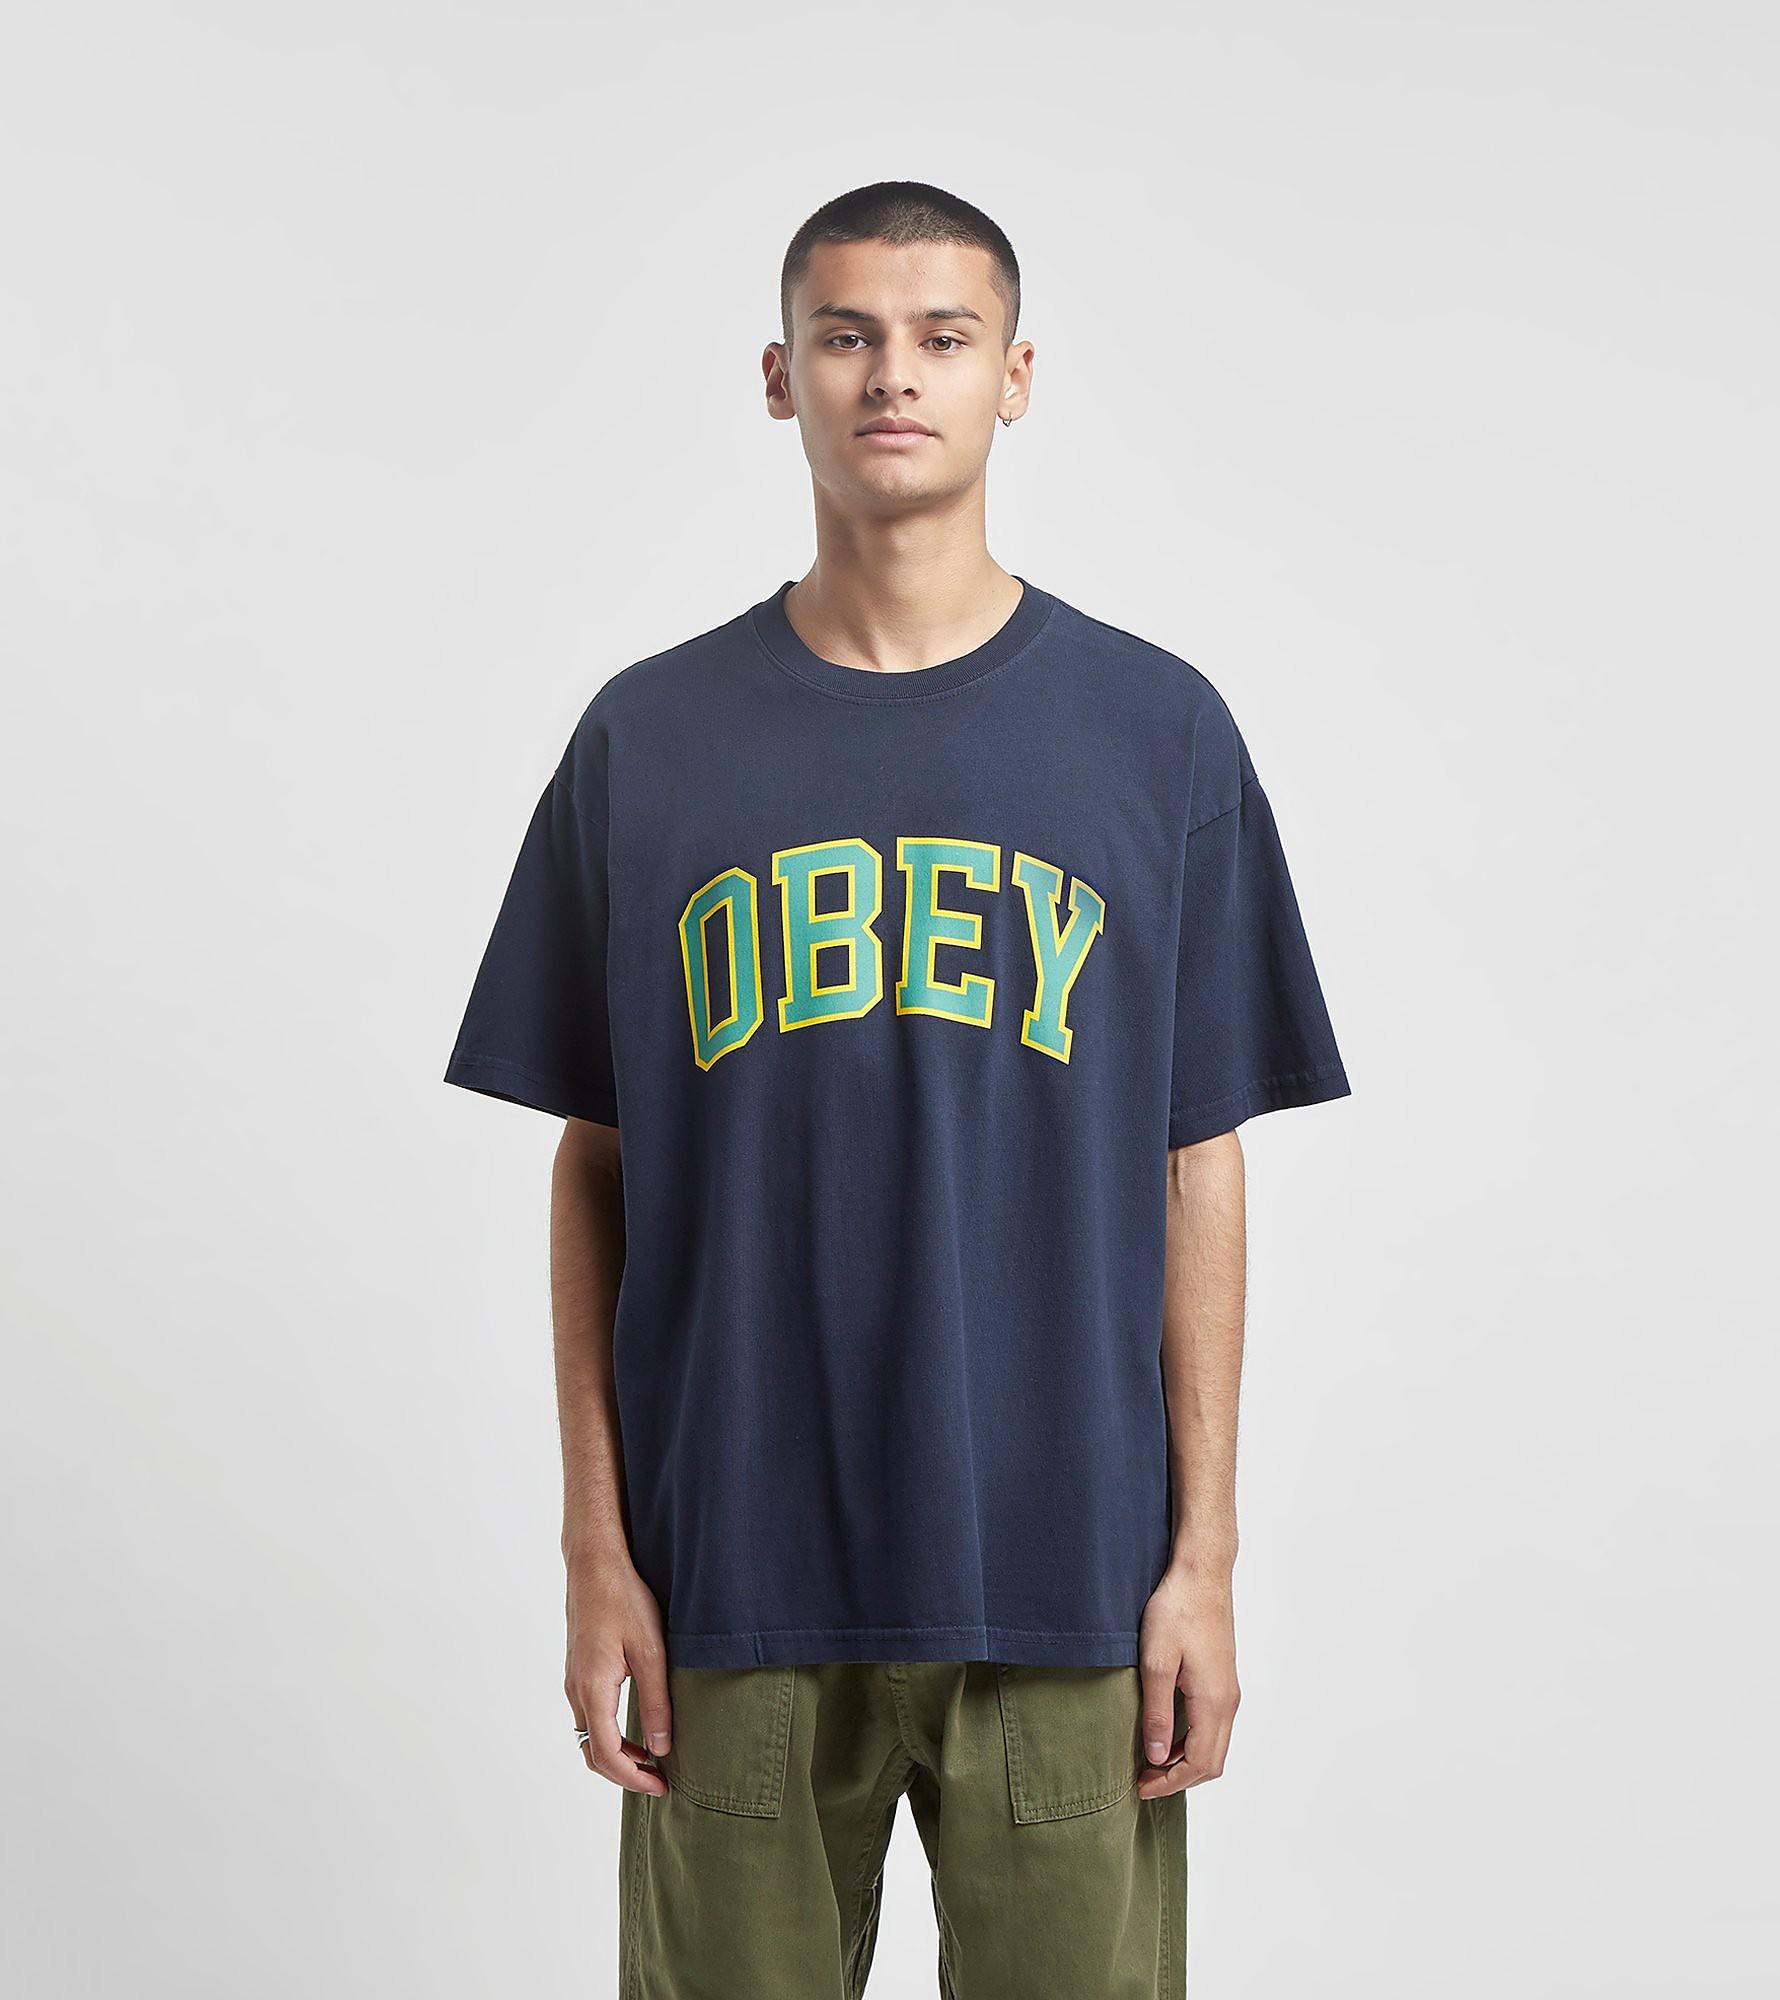 Obey T-Shirt Academy, Bleu